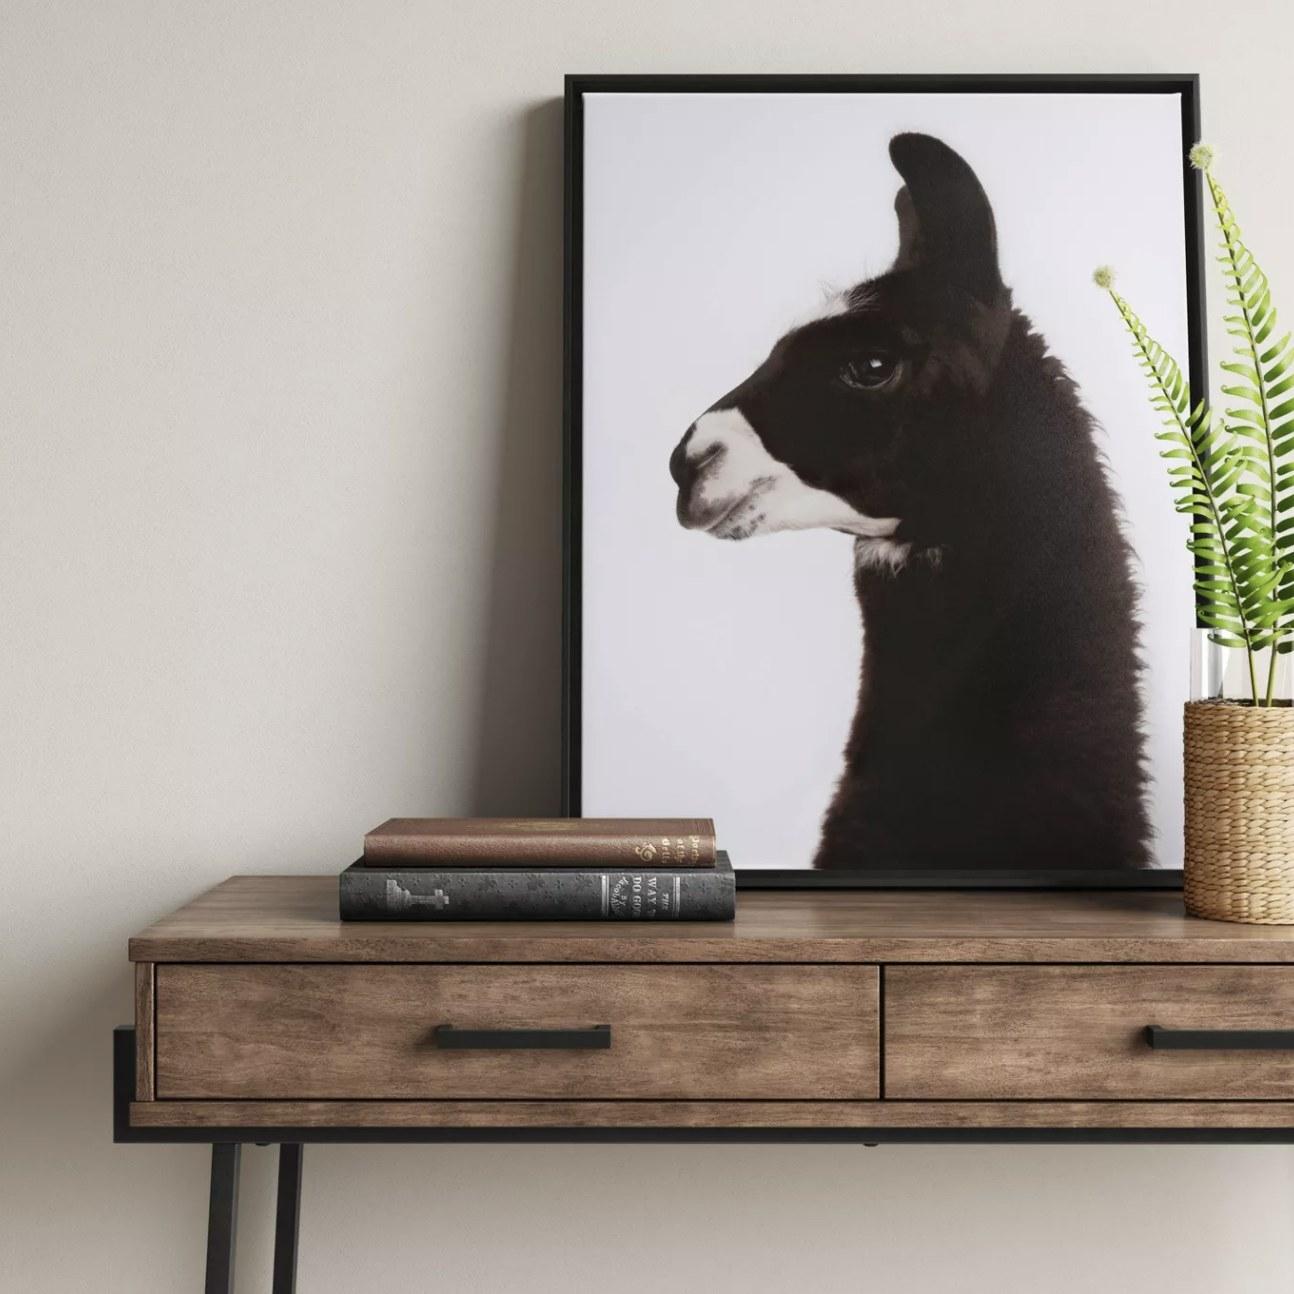 A llama canvas print on a console table